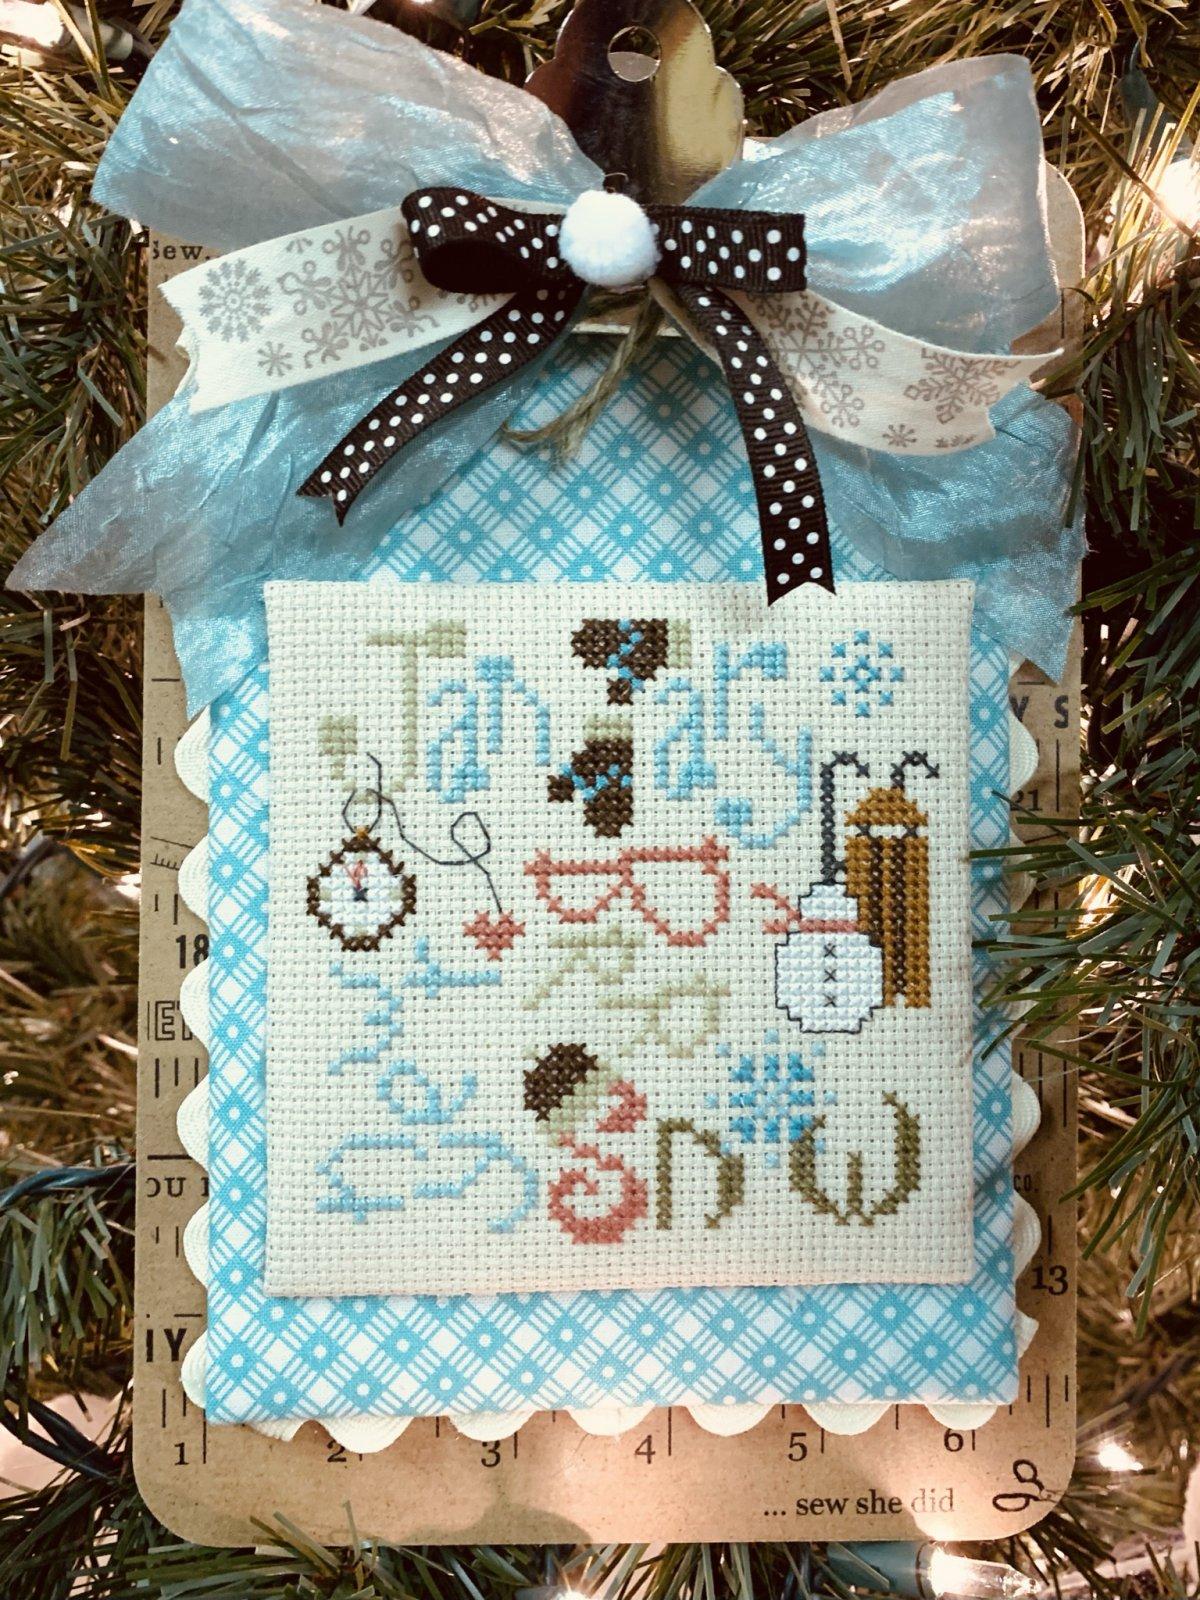 Christmas pine ball cross stitch embroidery pattern Colorful New Year card design Cute bullfinch DIY x-stitch chart Stylish xmas project kit